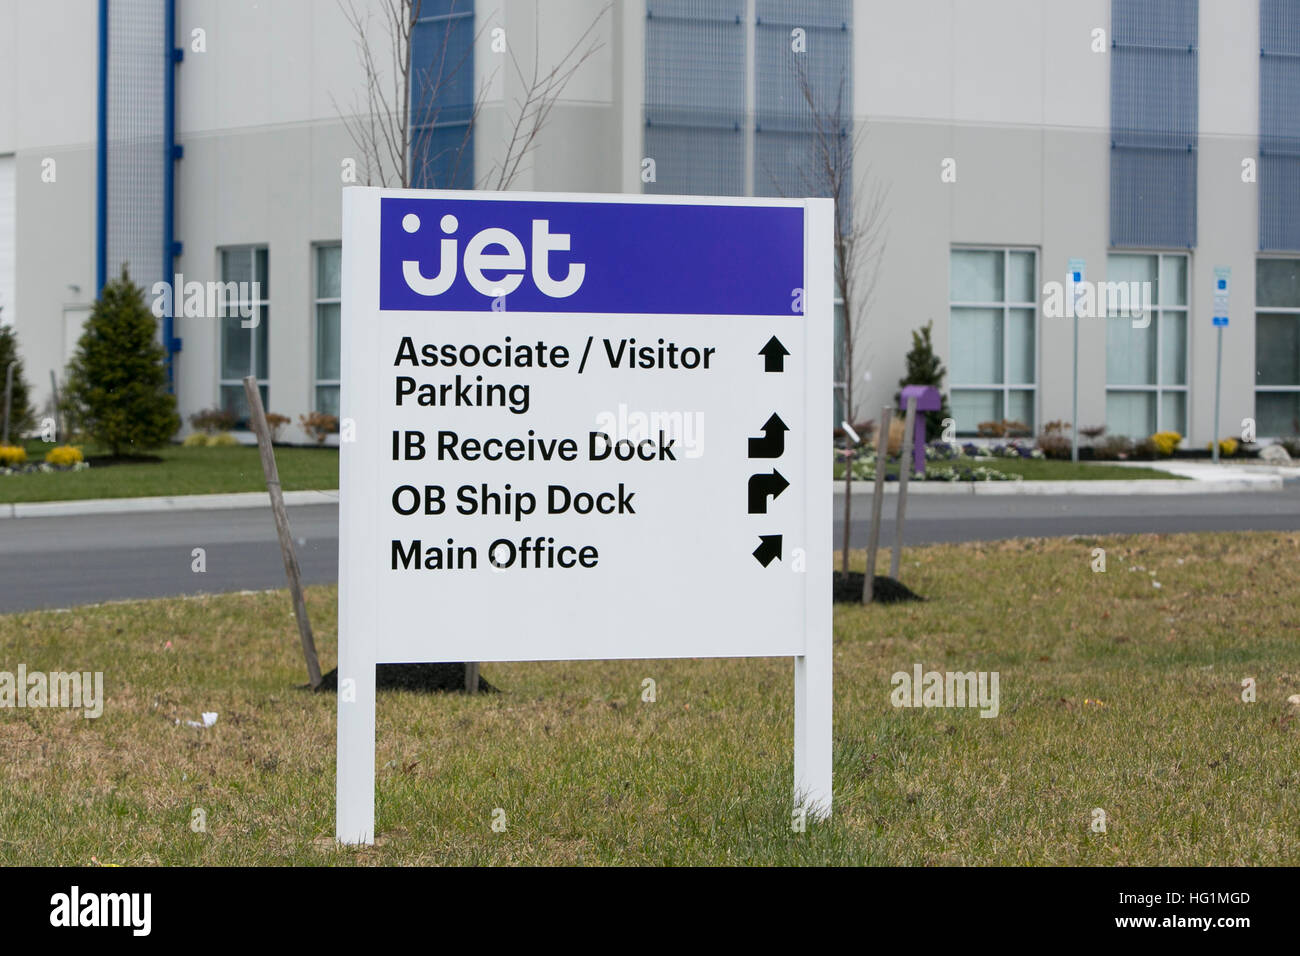 Un segno del logo al di fuori di una struttura occupata da Jet.com in Pedricktown, New Jersey il 11 dicembre 2016. Immagini Stock